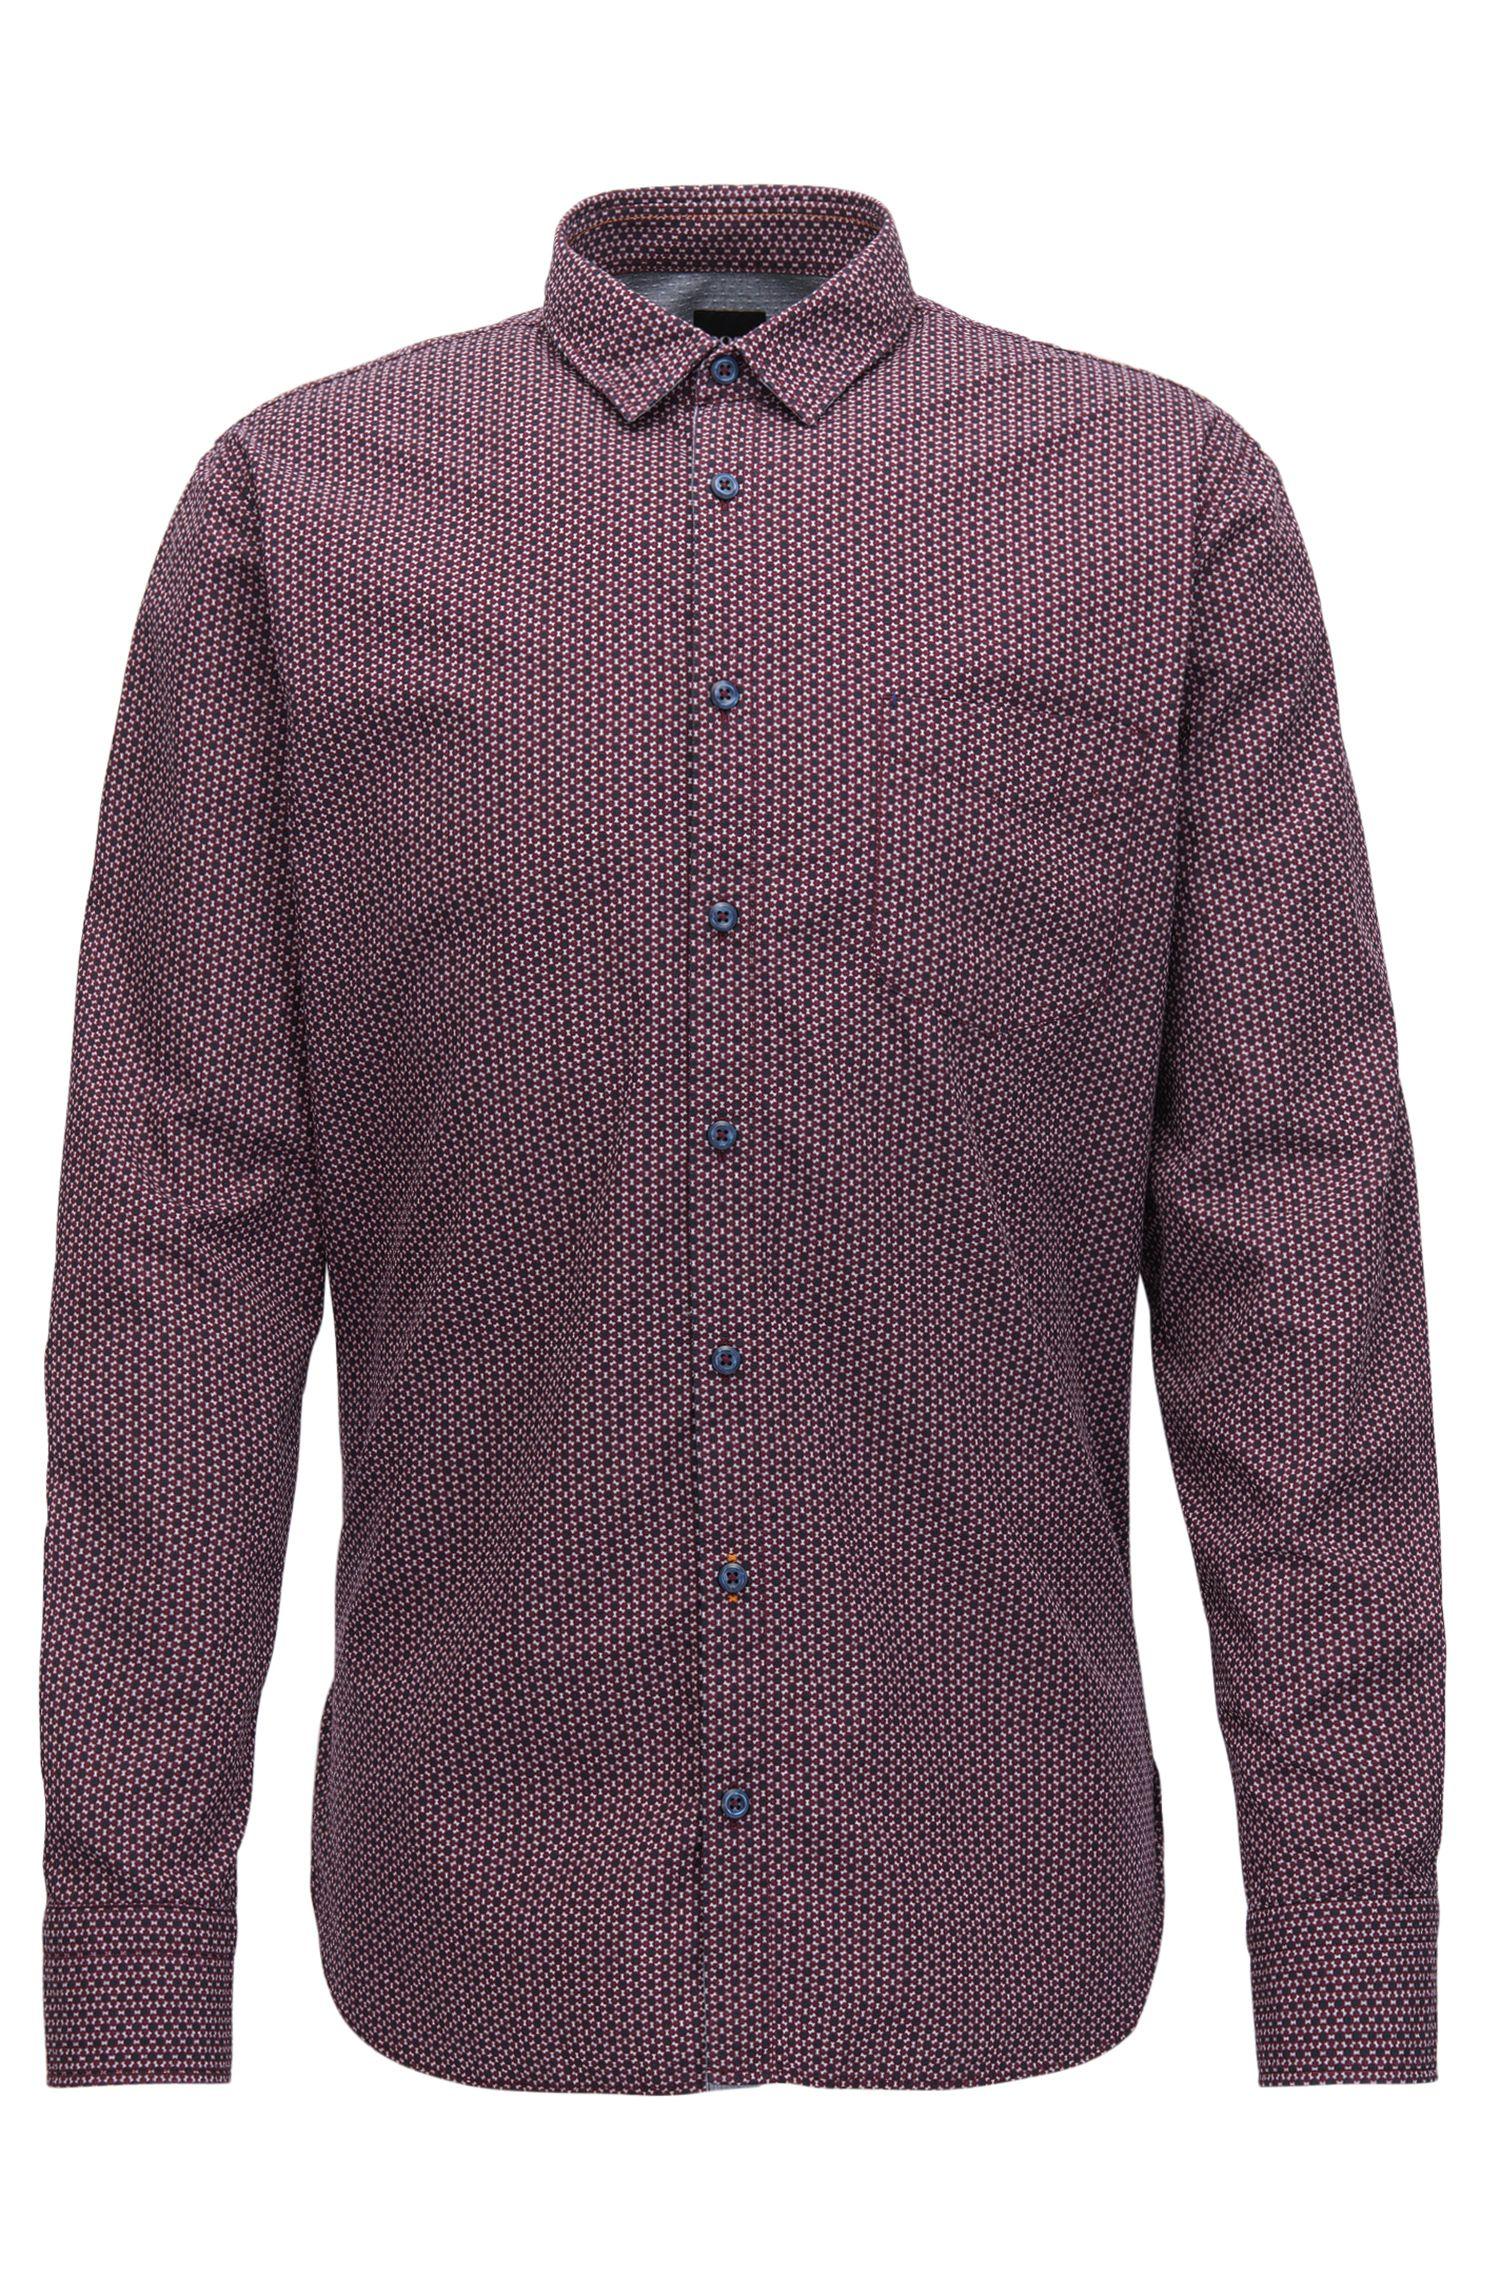 Camisa slim fit en lienzo de algodón estampado